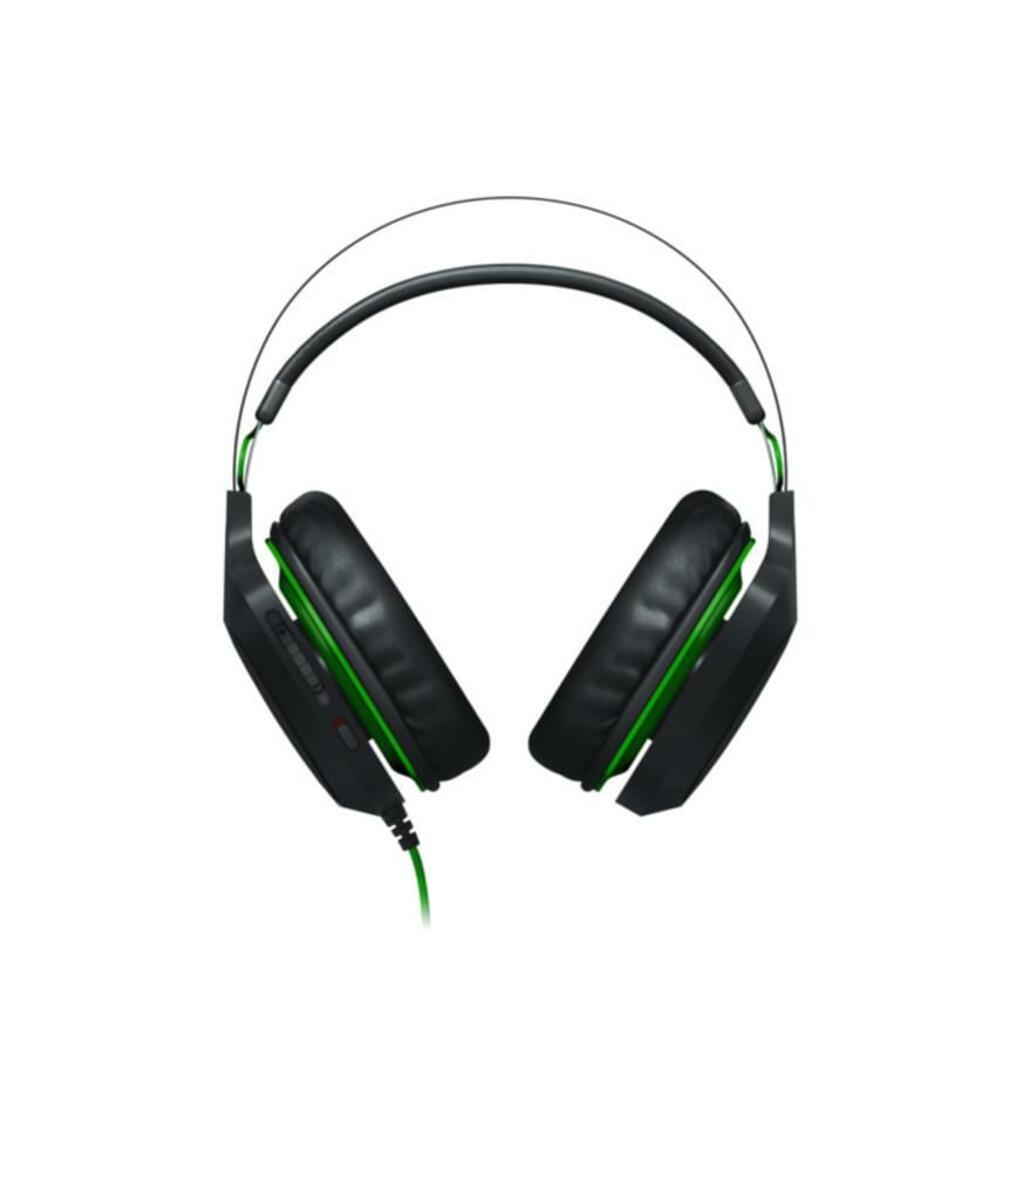 Bild 2 von Razer Electra V2 Gaming Headset für PC und XBOX